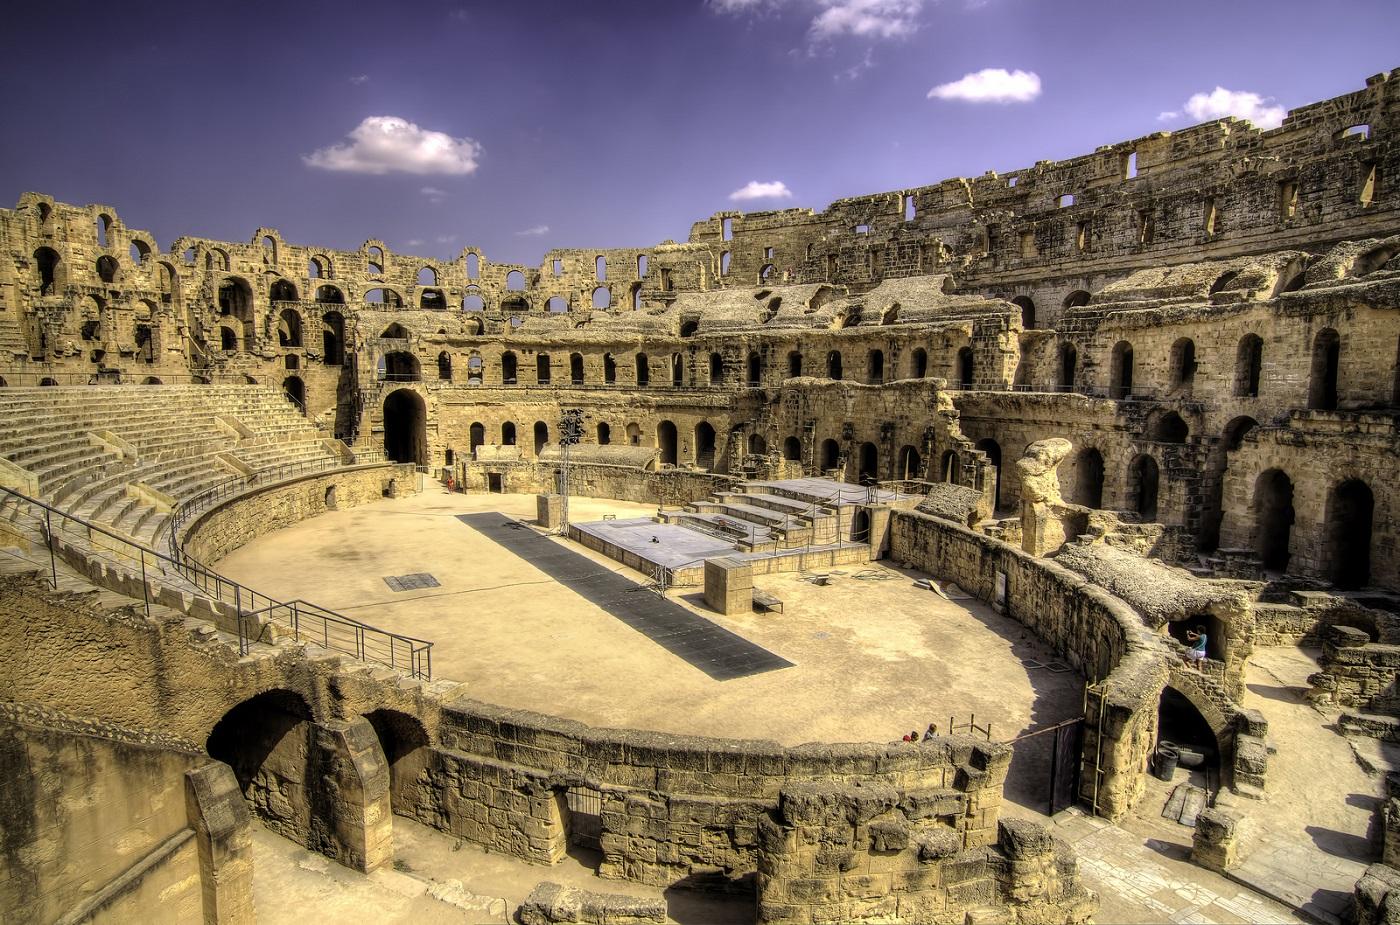 Ansamblu arhitectural s-a conservat bine în timp, având în vedere momentul construcţiei